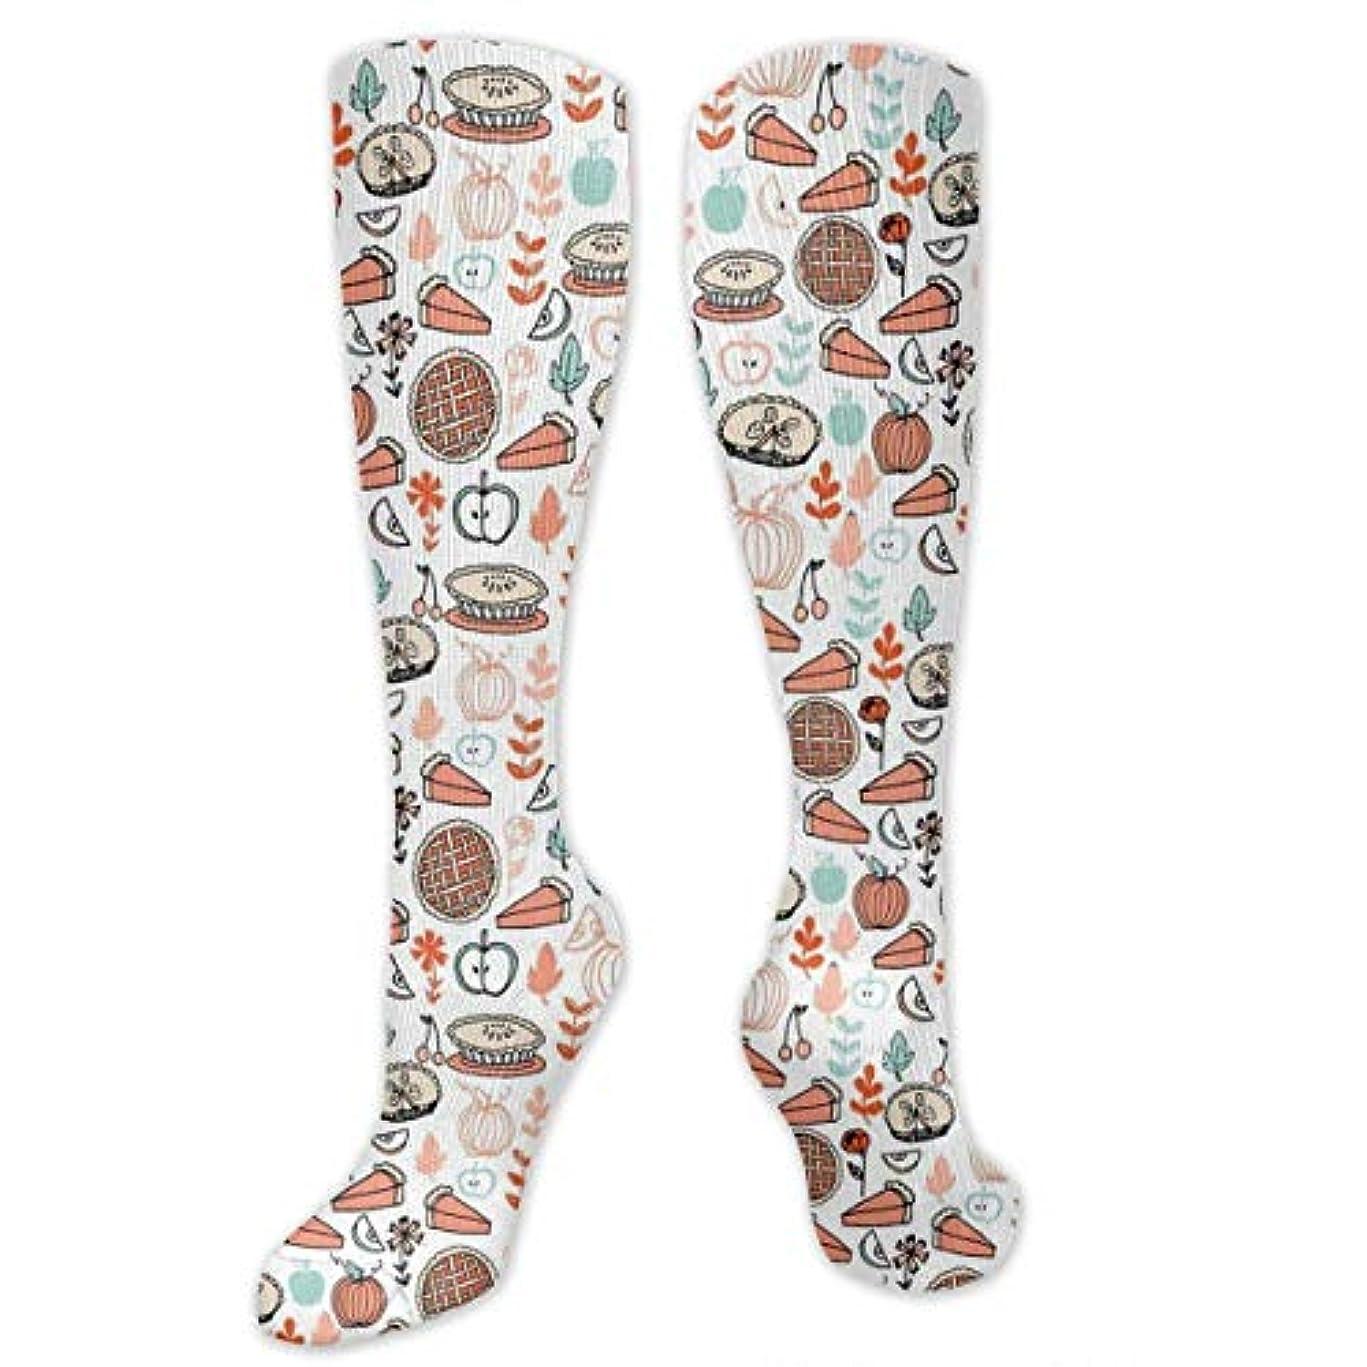 不規則な非武装化ダイジェストqrriy新しいベーキングフードパイ- 3 D抗菌アスレチックソックス圧縮靴下クルーソックスロングスポーツ膝ハイソックス少年少女キッズ幼児